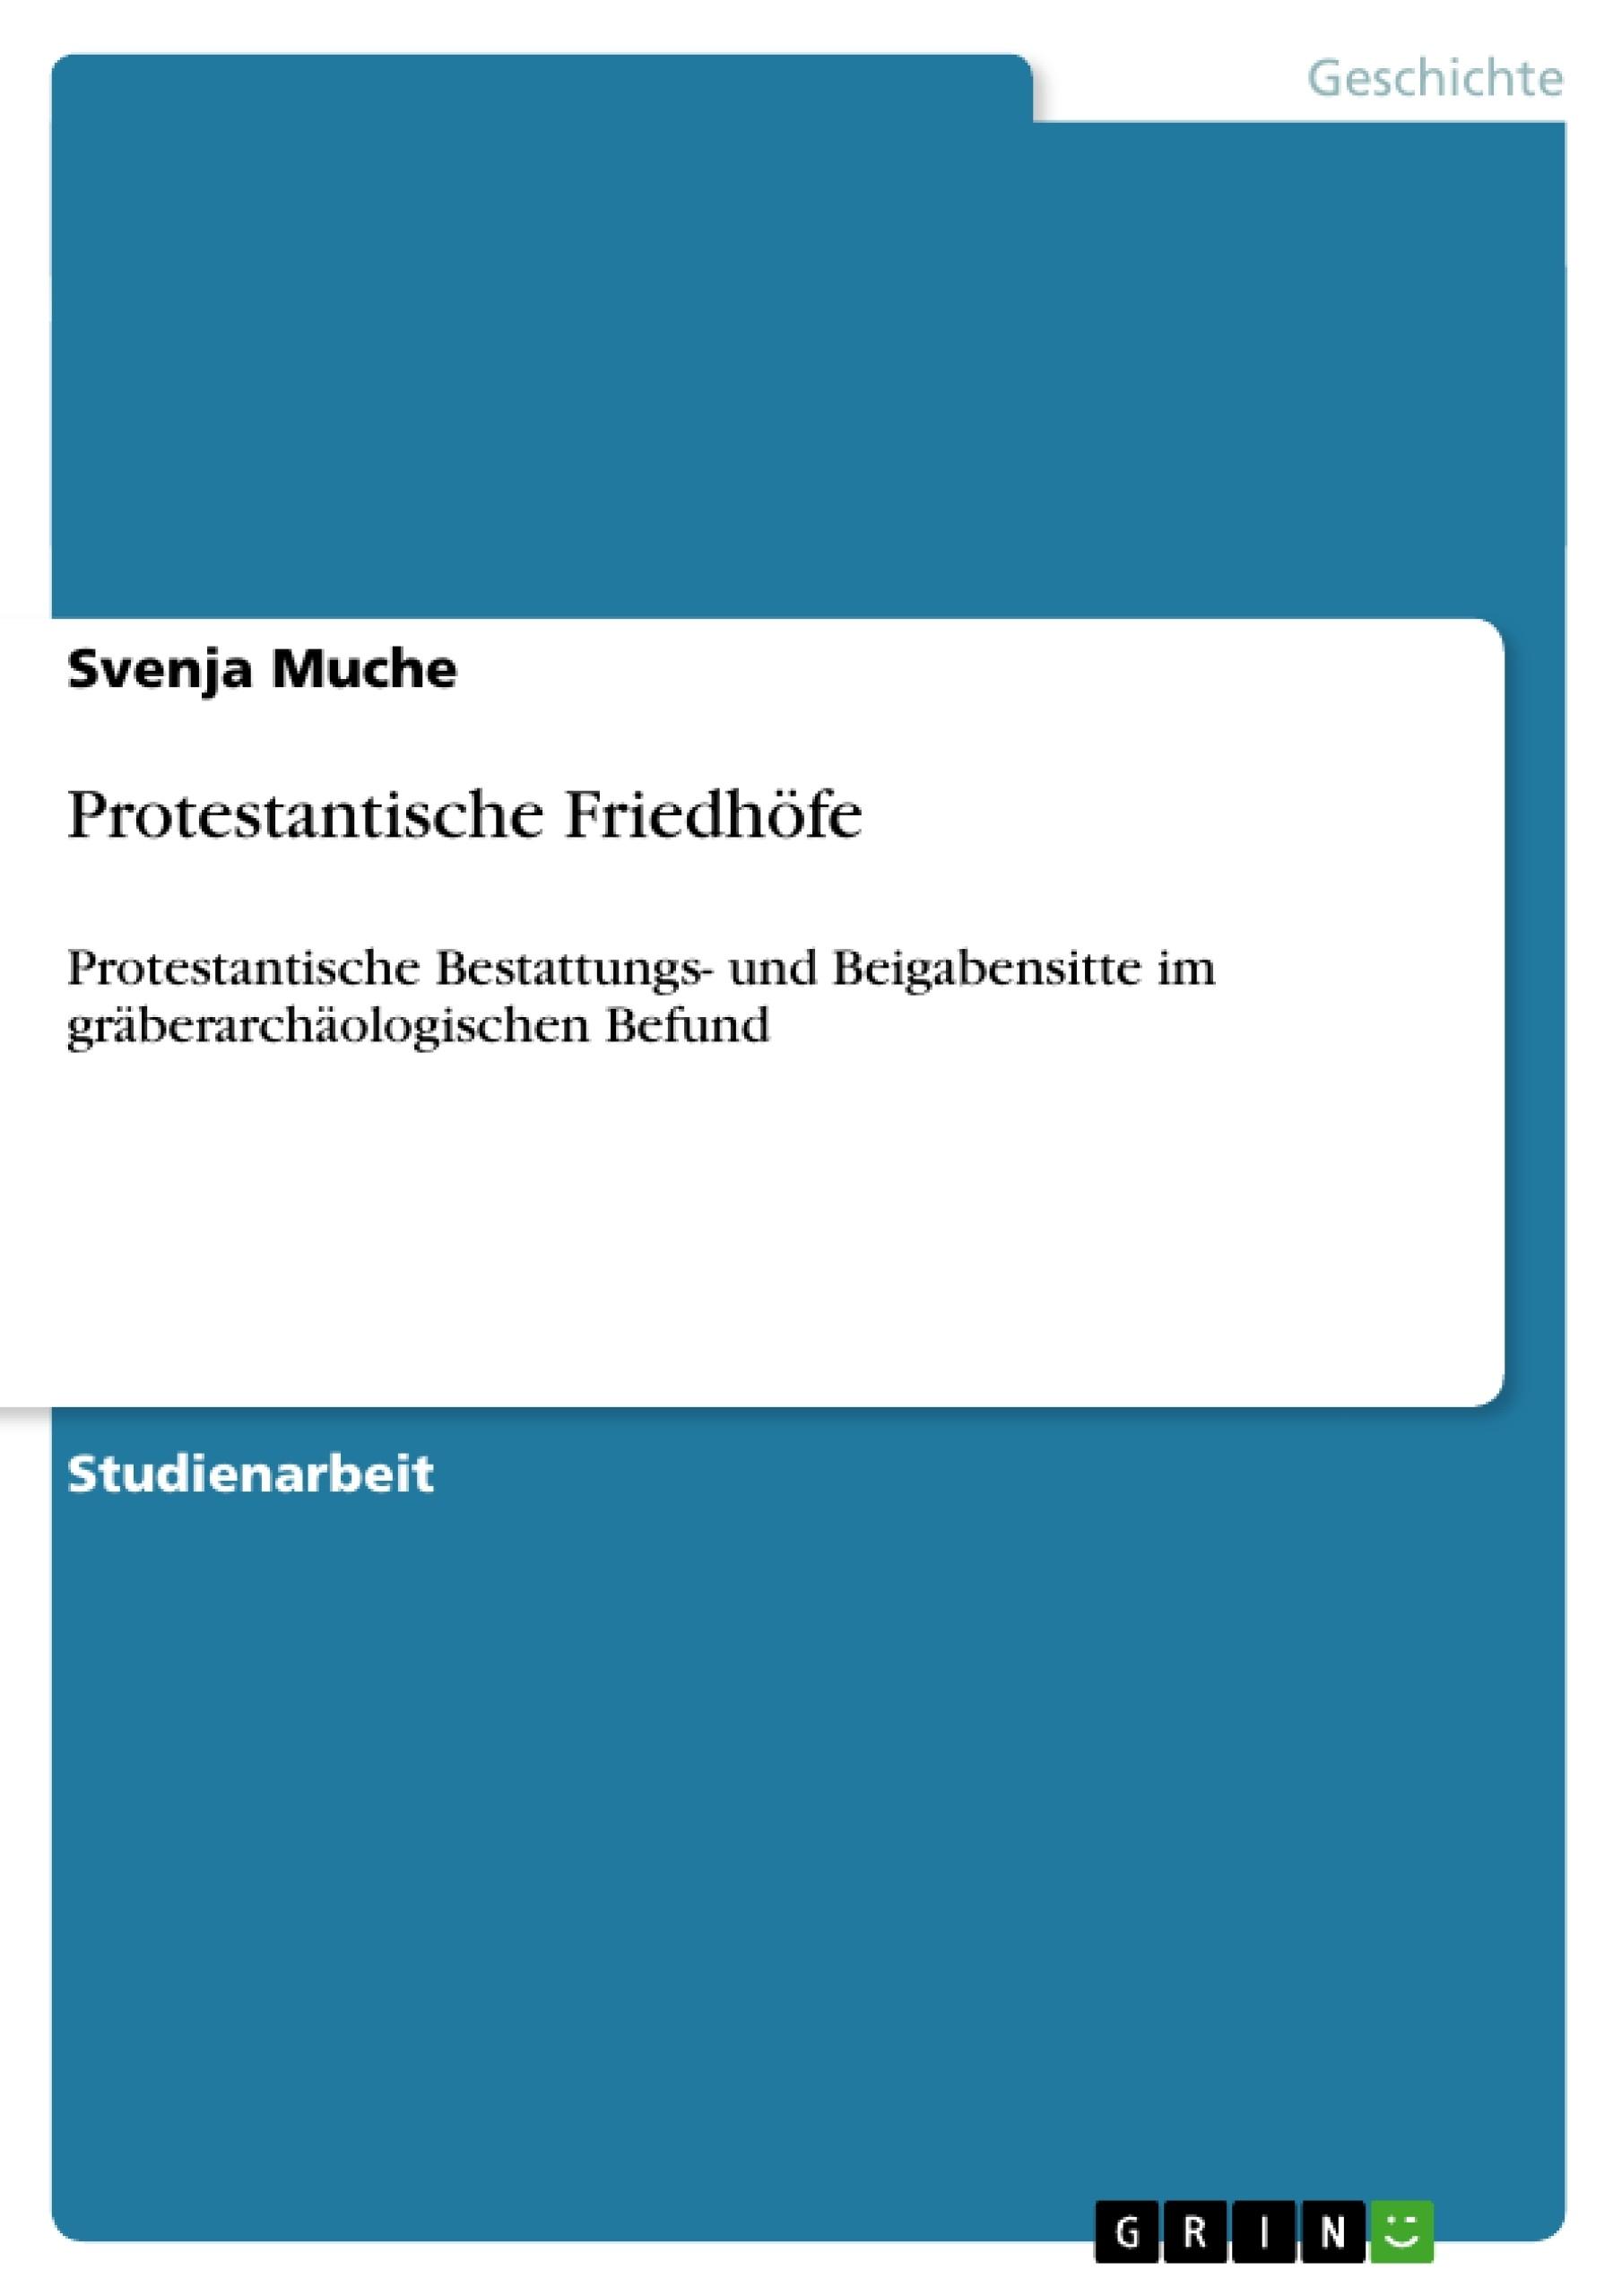 Titel: Protestantische Friedhöfe